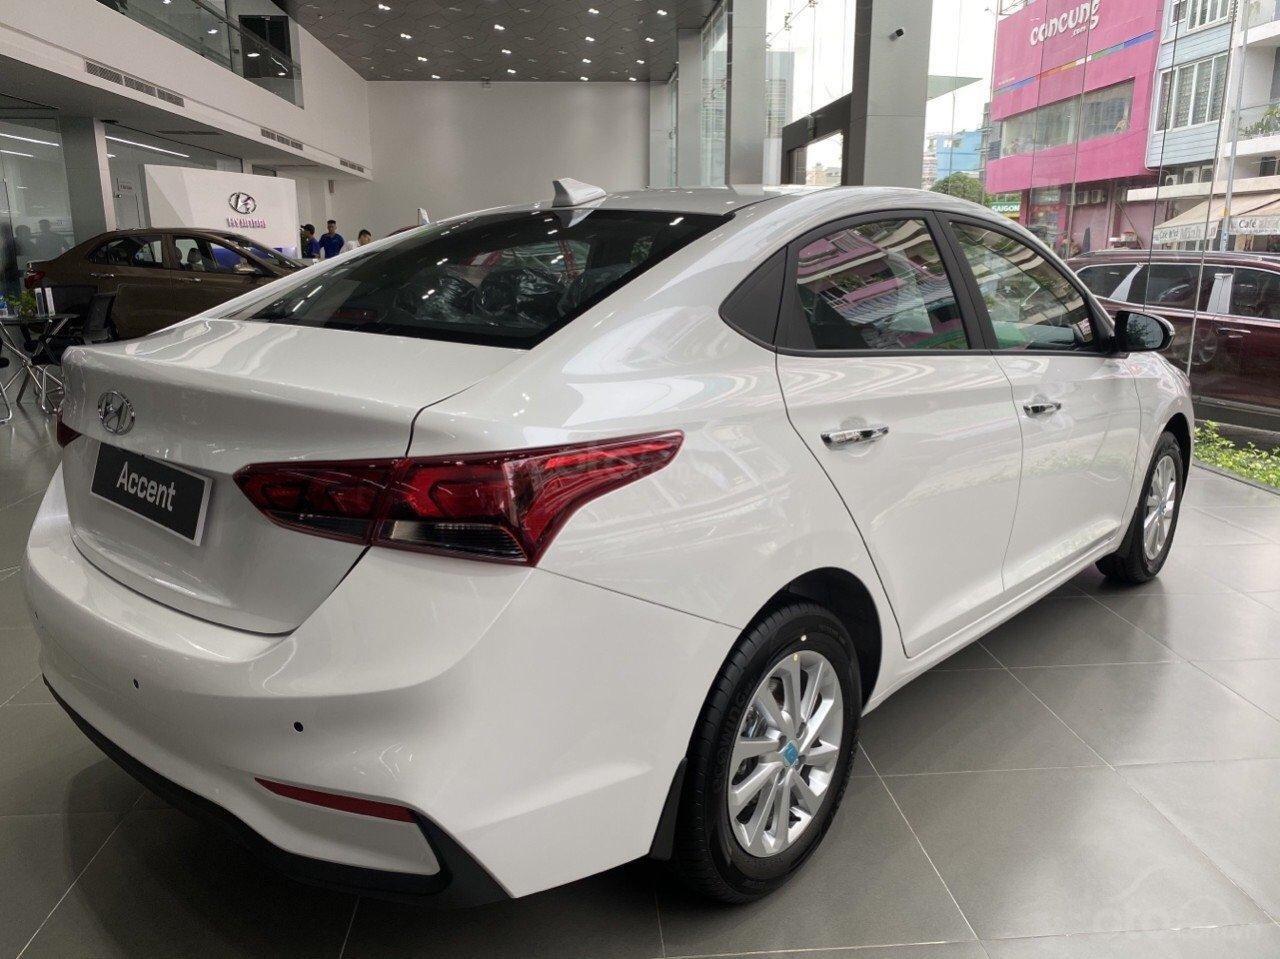 Bán Hyundai Accent tiêu chuẩn đỏ 2020, đủ mầu, tặng 10 - 15 triệu và nhiều ưu đãi (4)